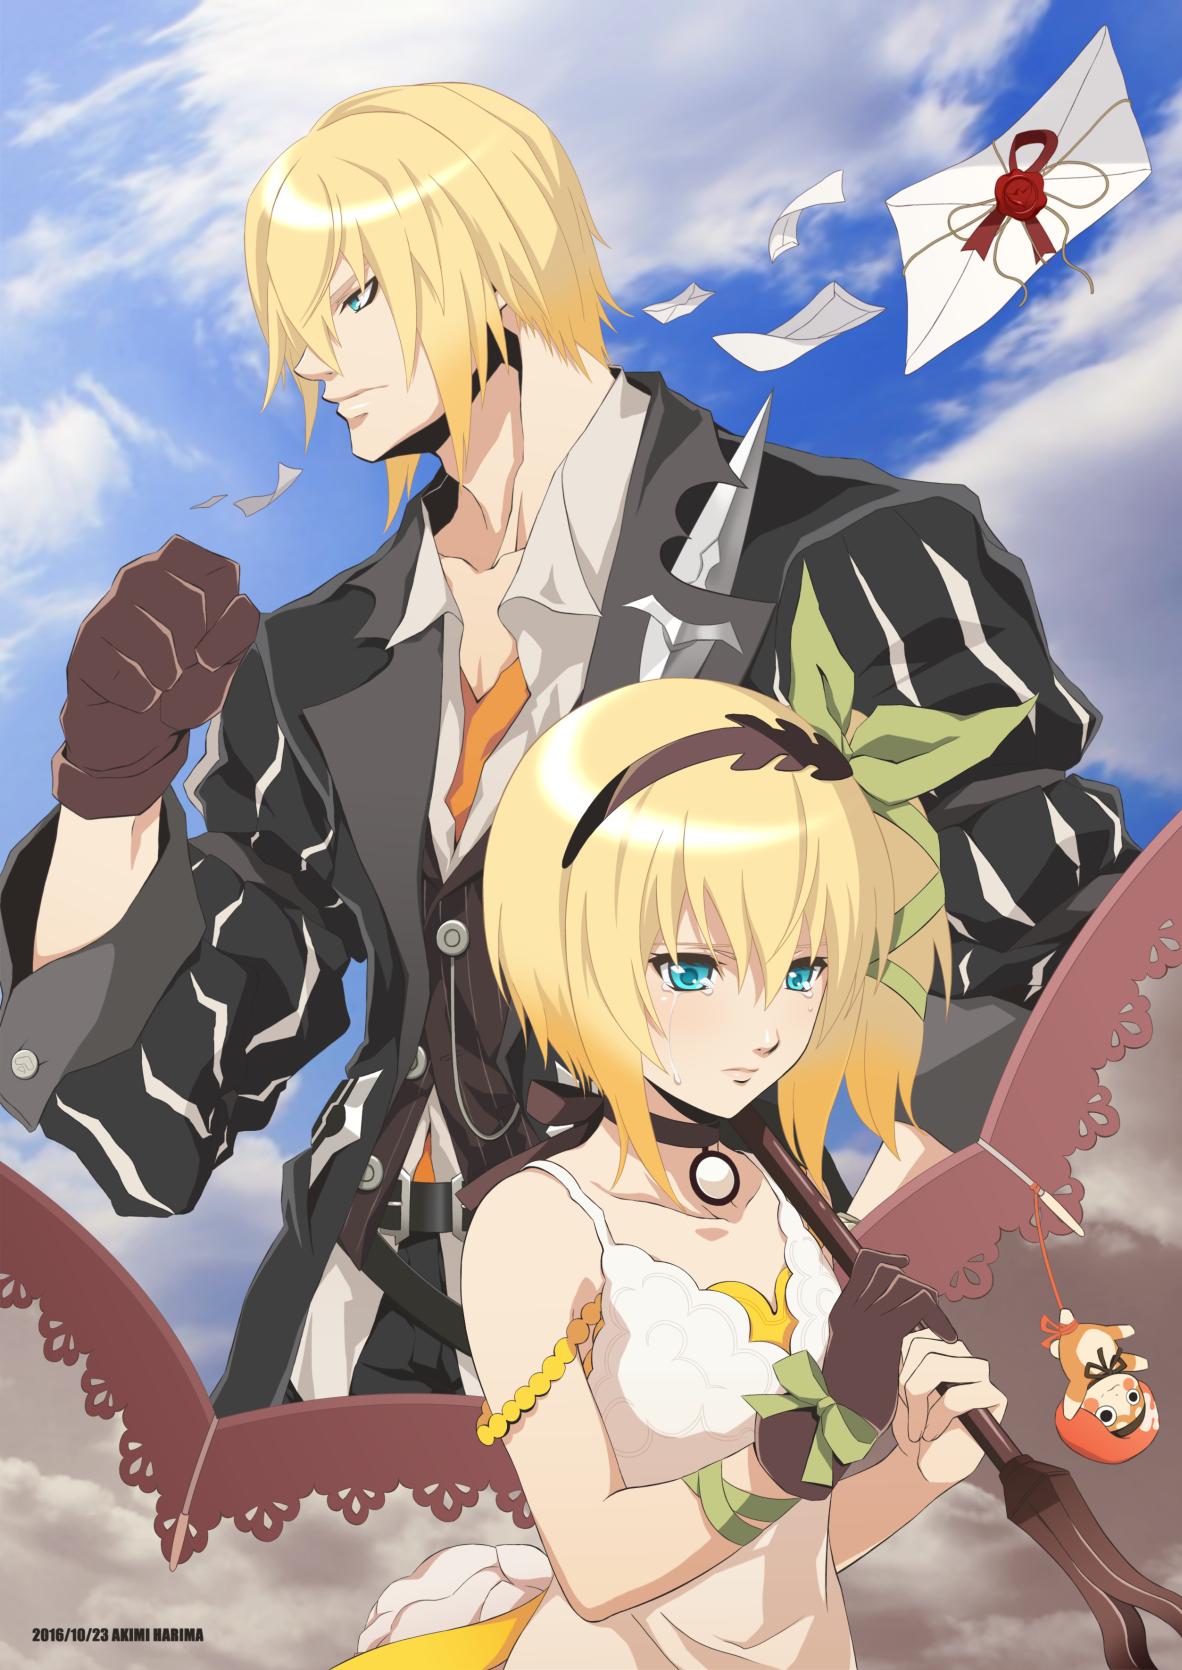 Tales Of Berseria Mobile Wallpaper Zerochan Anime Image Board